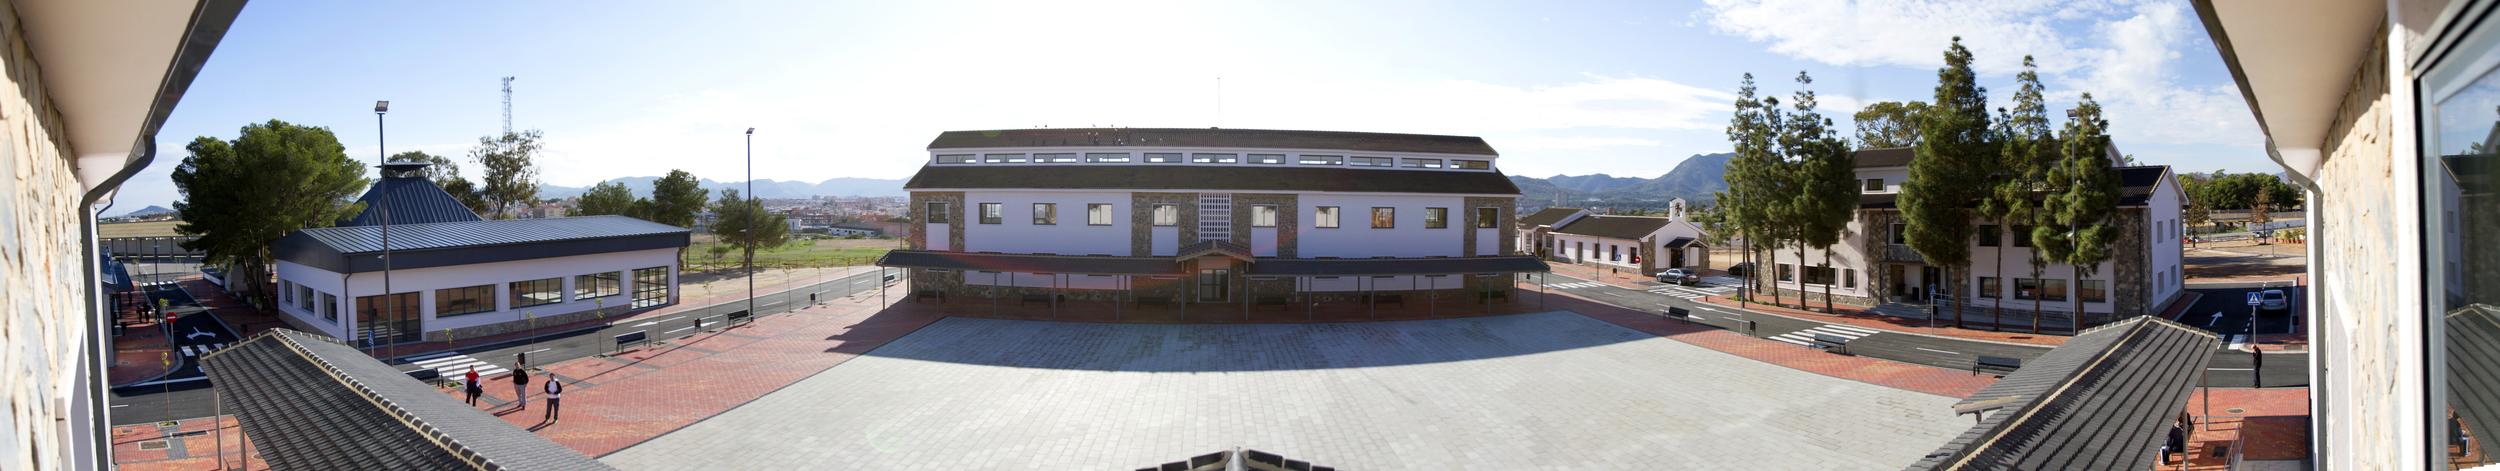 20141203_cartagena_campus_ucam_panoramica_RP_0002.jpg